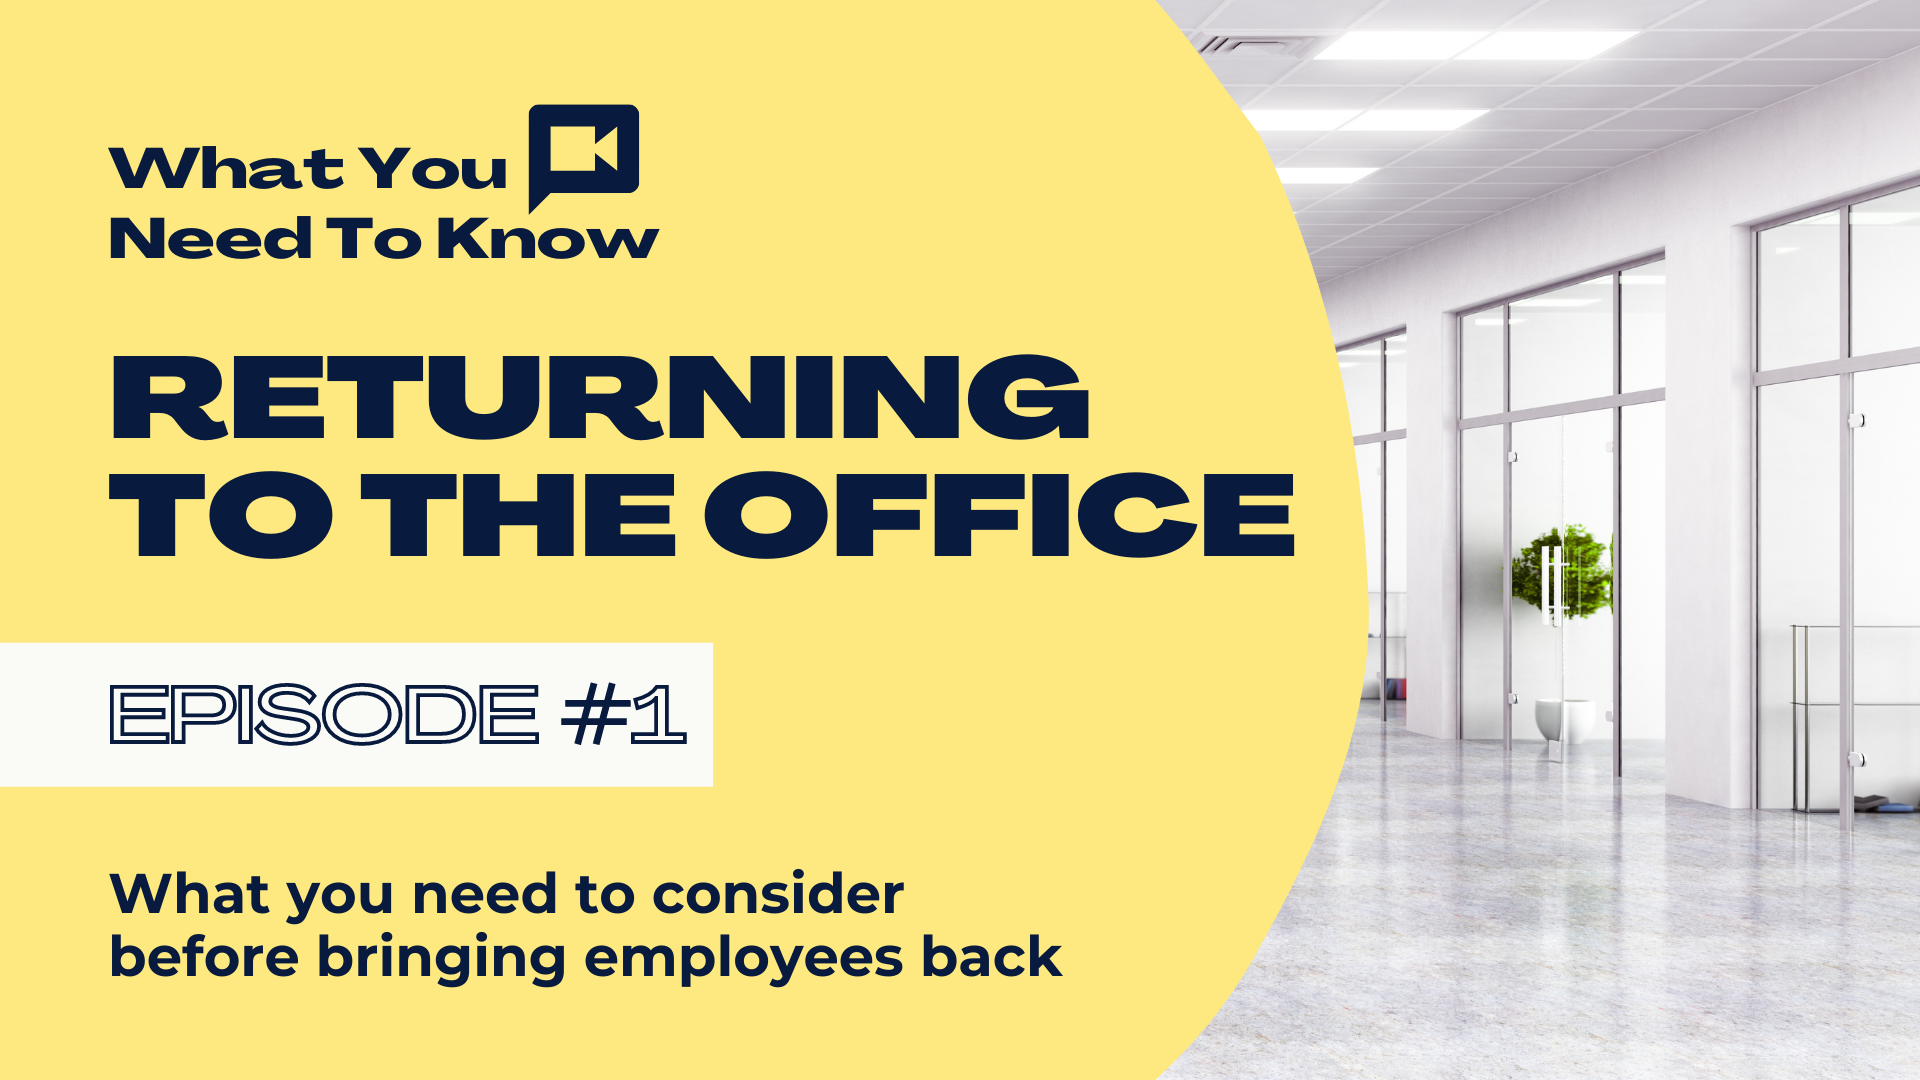 Conseils pour préparer le retour au bureau de vos employés – Ce que vous devez savoir